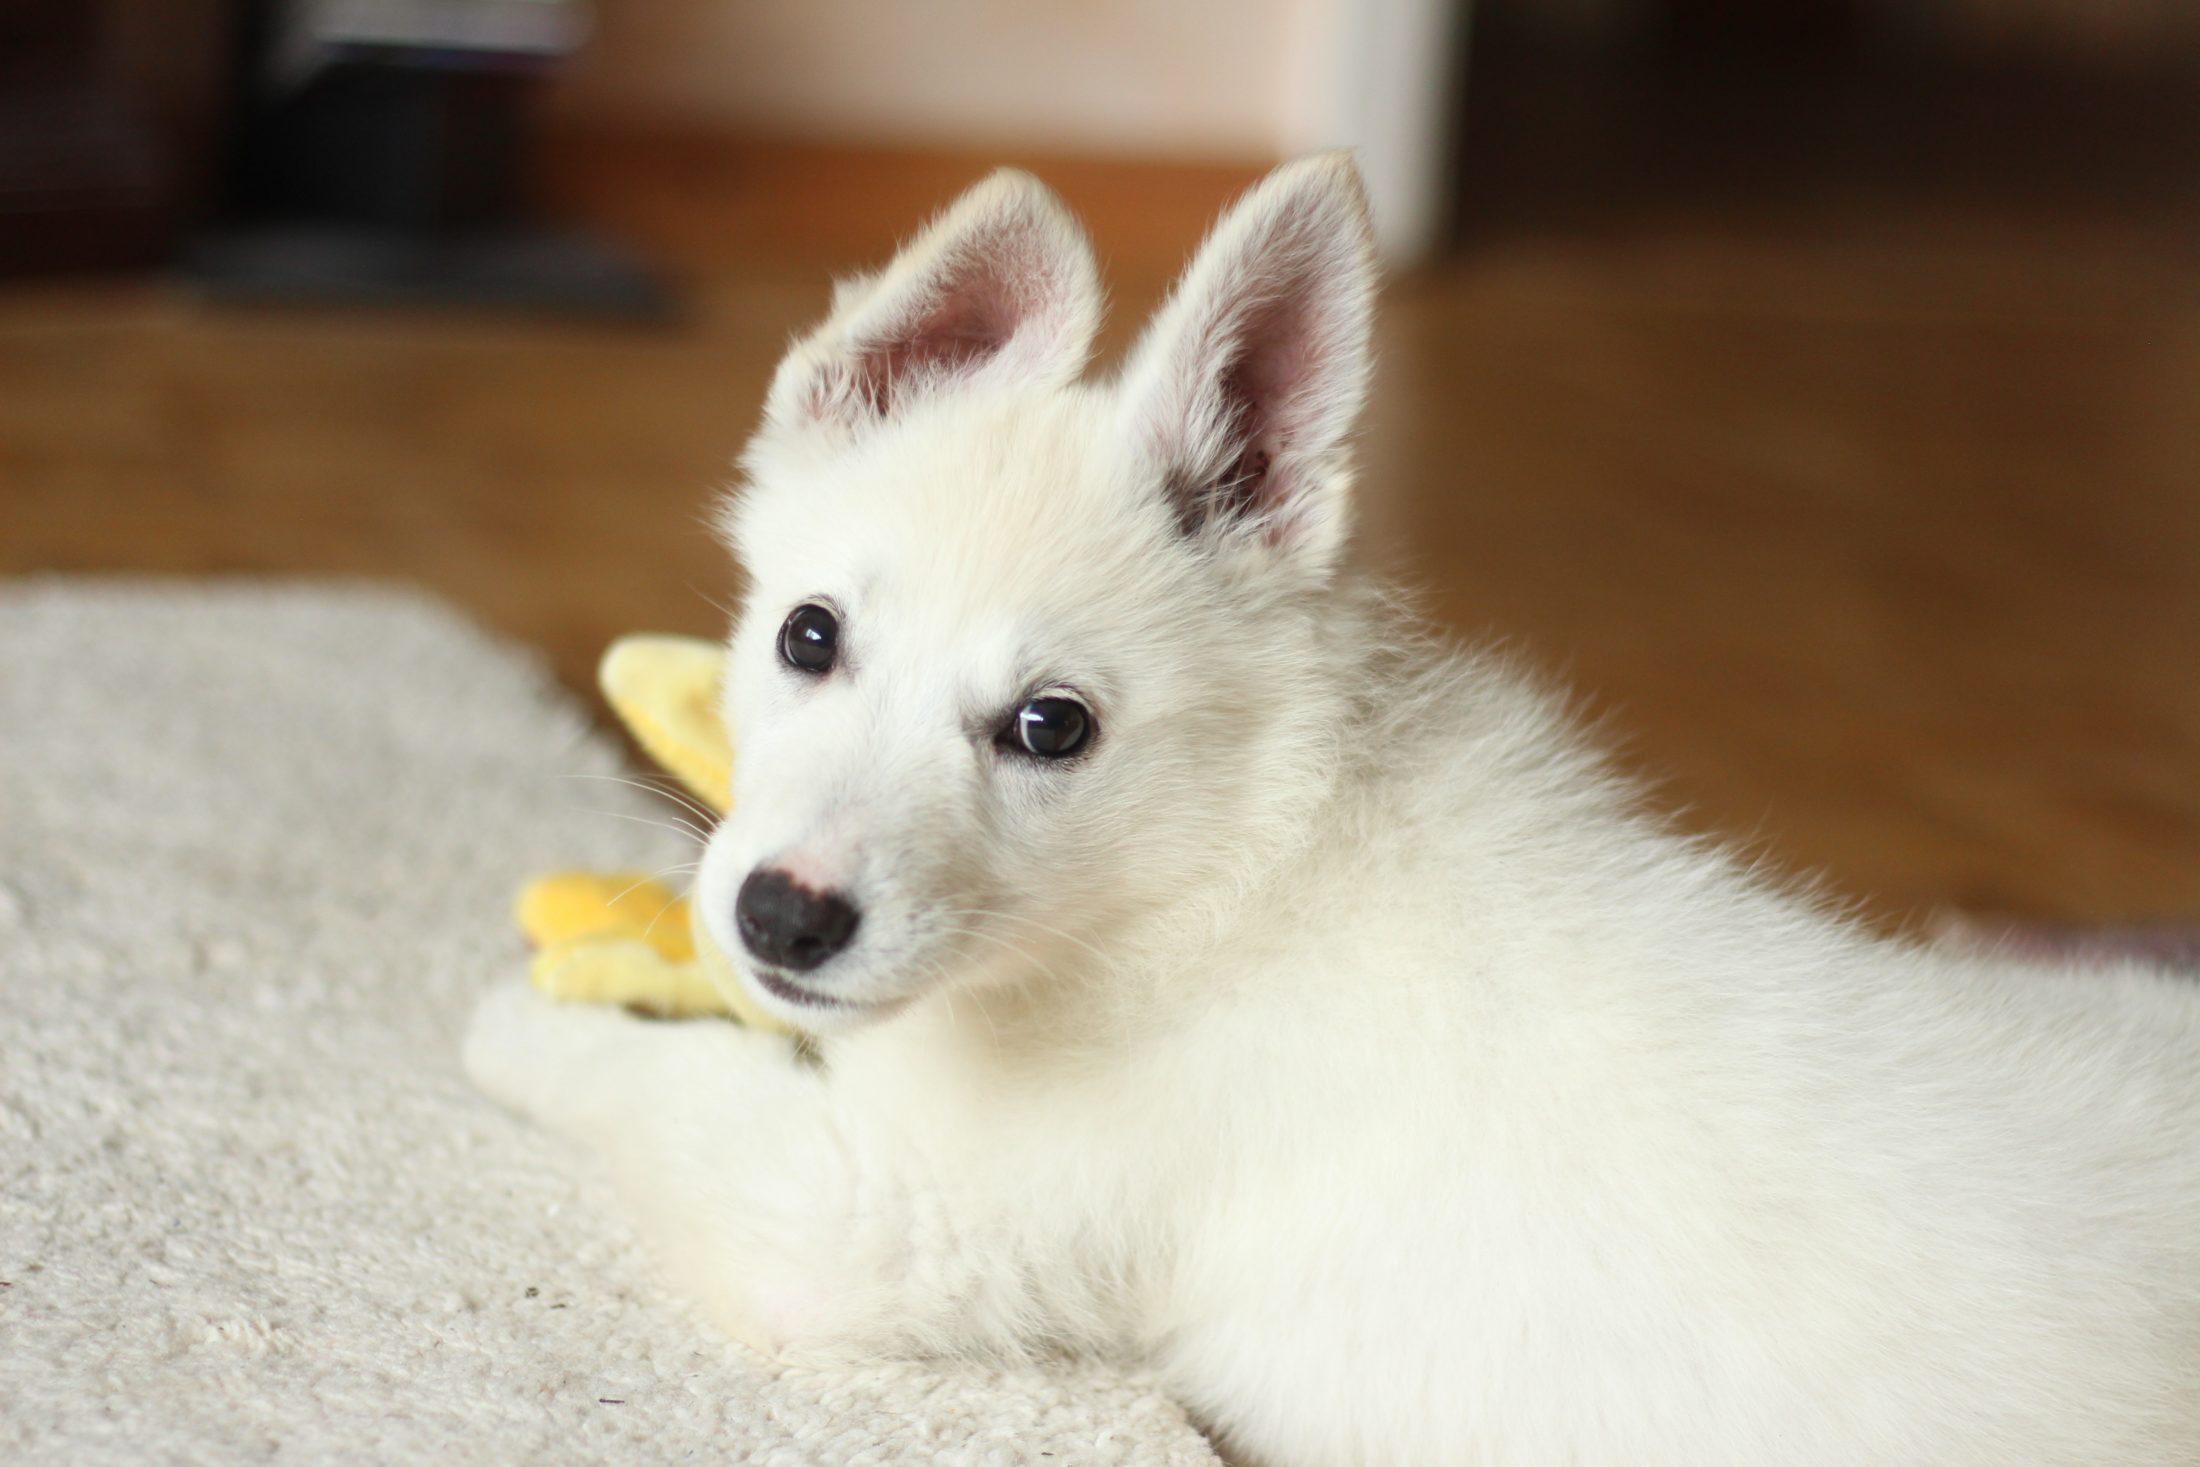 Um cachorro abaixado diante de seus pés é um pedido de atenção.